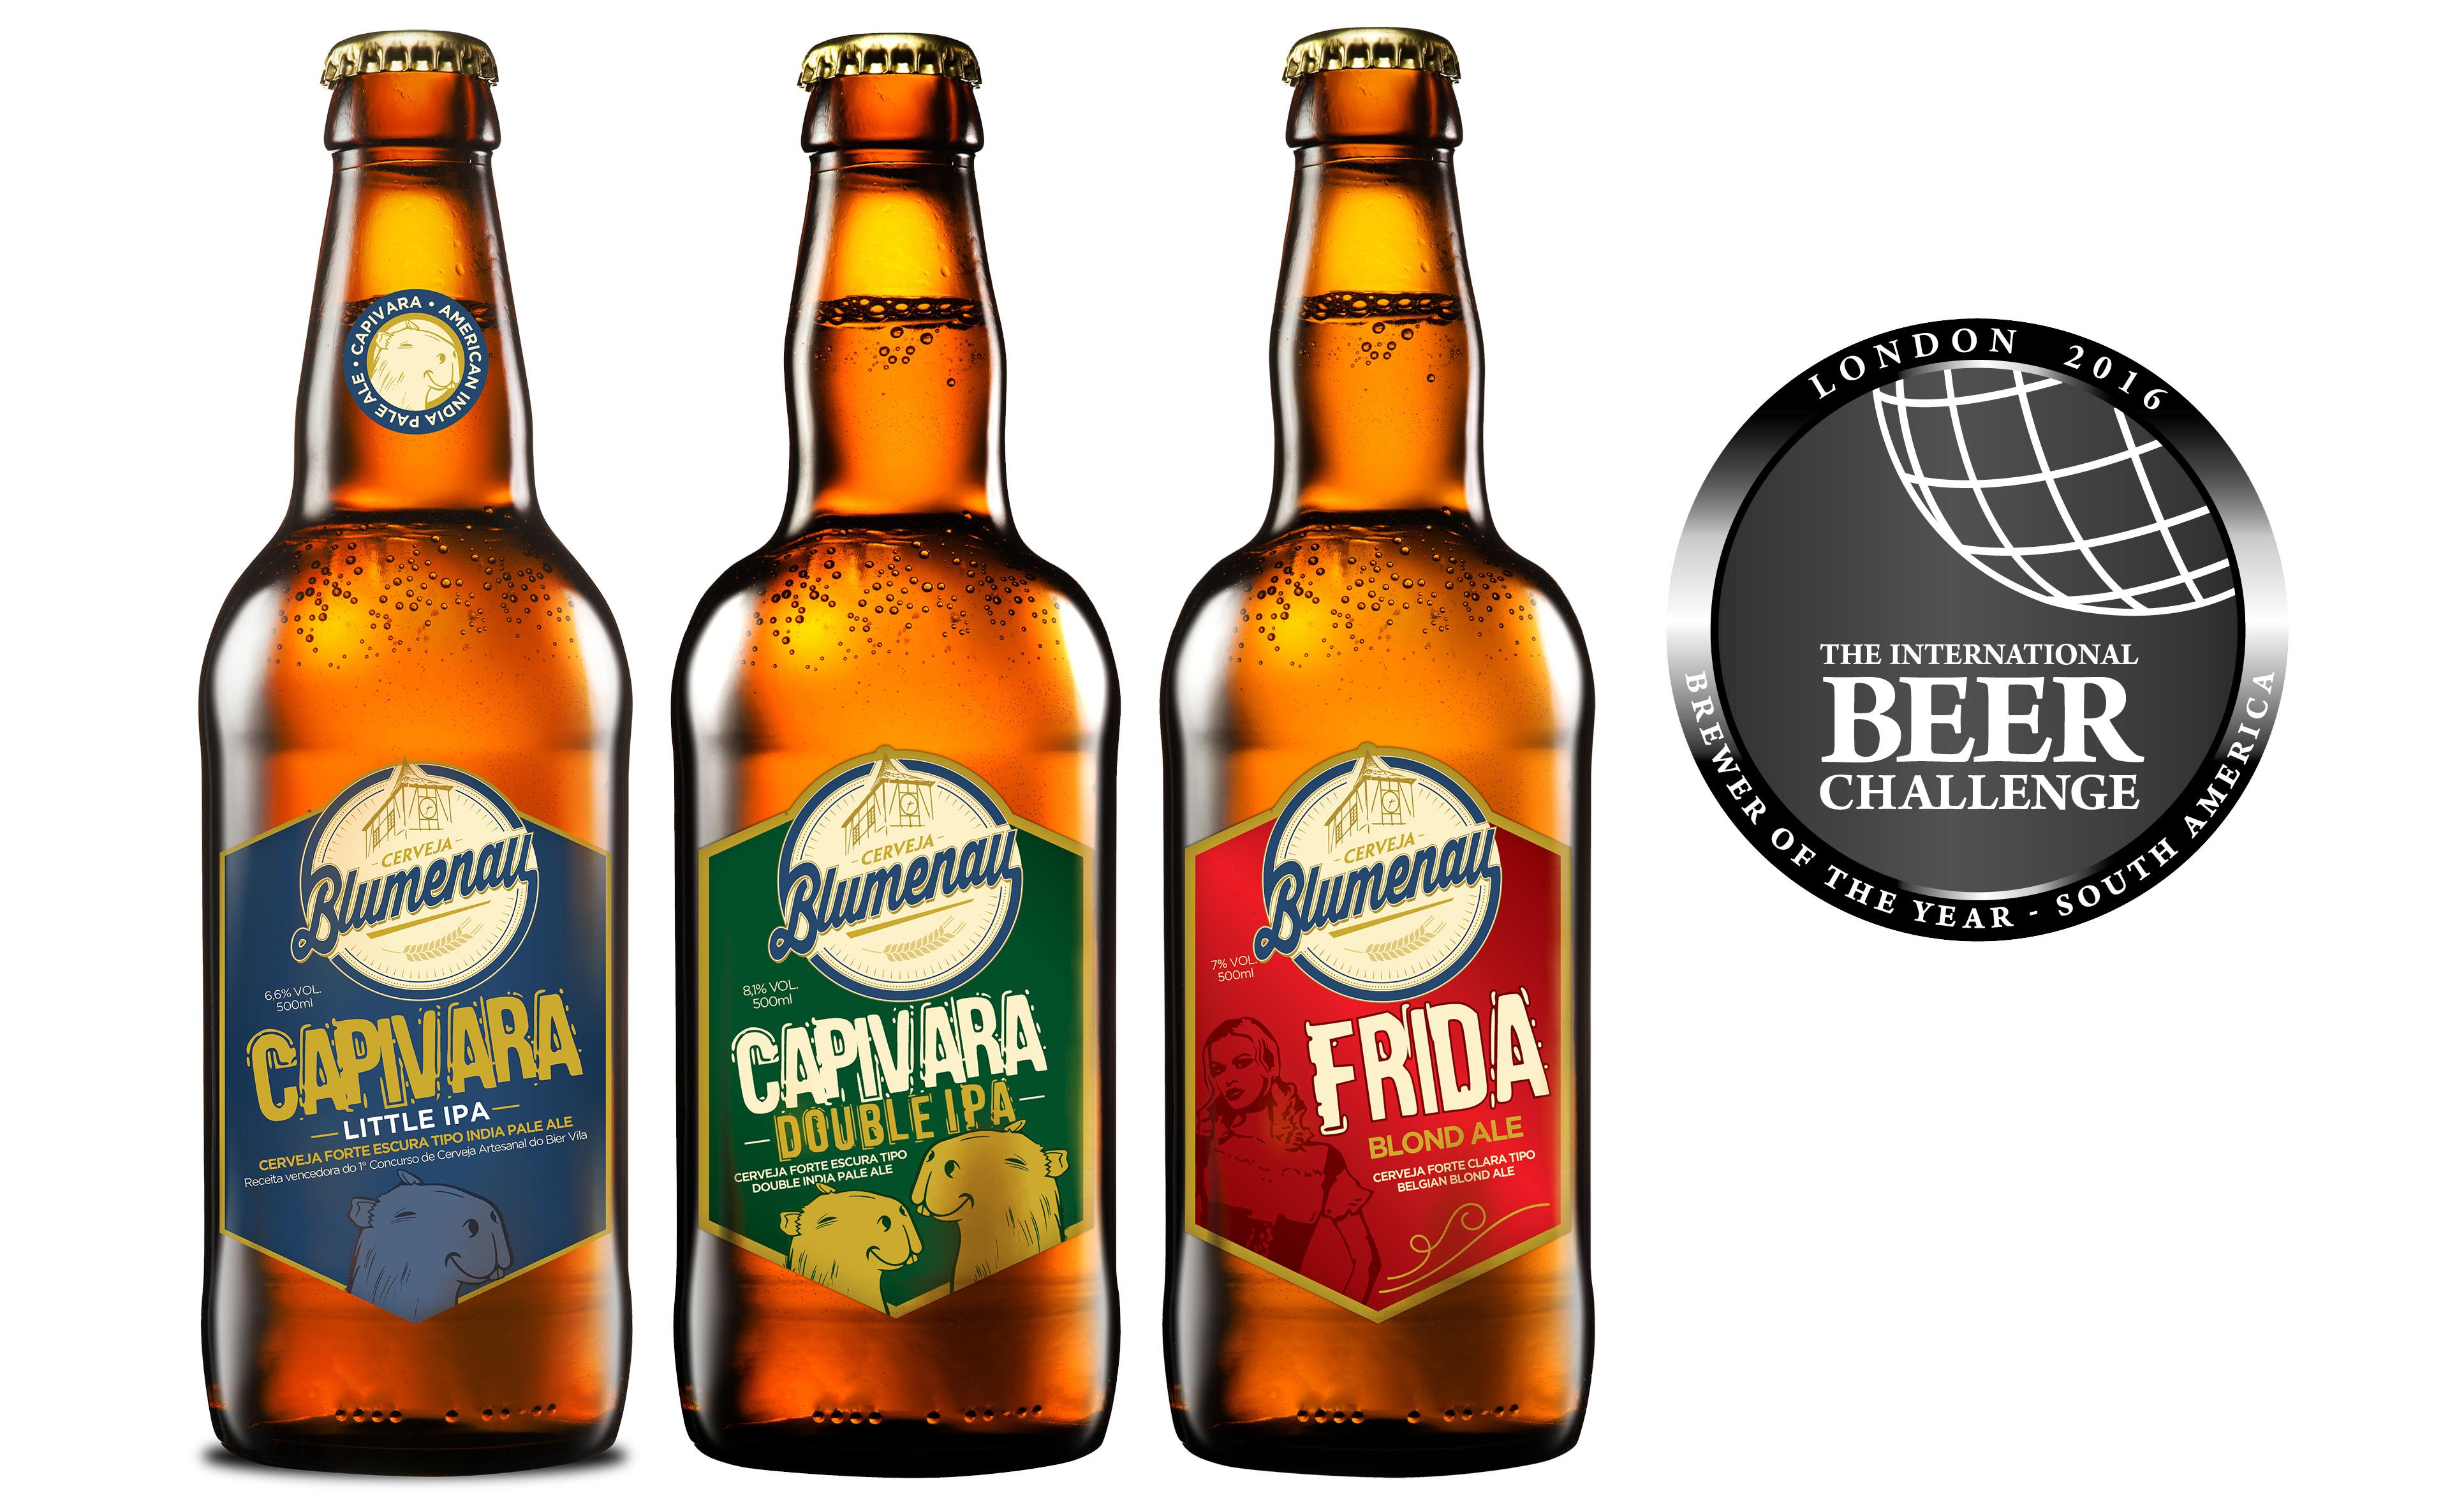 Cerveja Blumenau é eleita Cervejaria do Ano – América do Sul no International Beer Challenge 2016